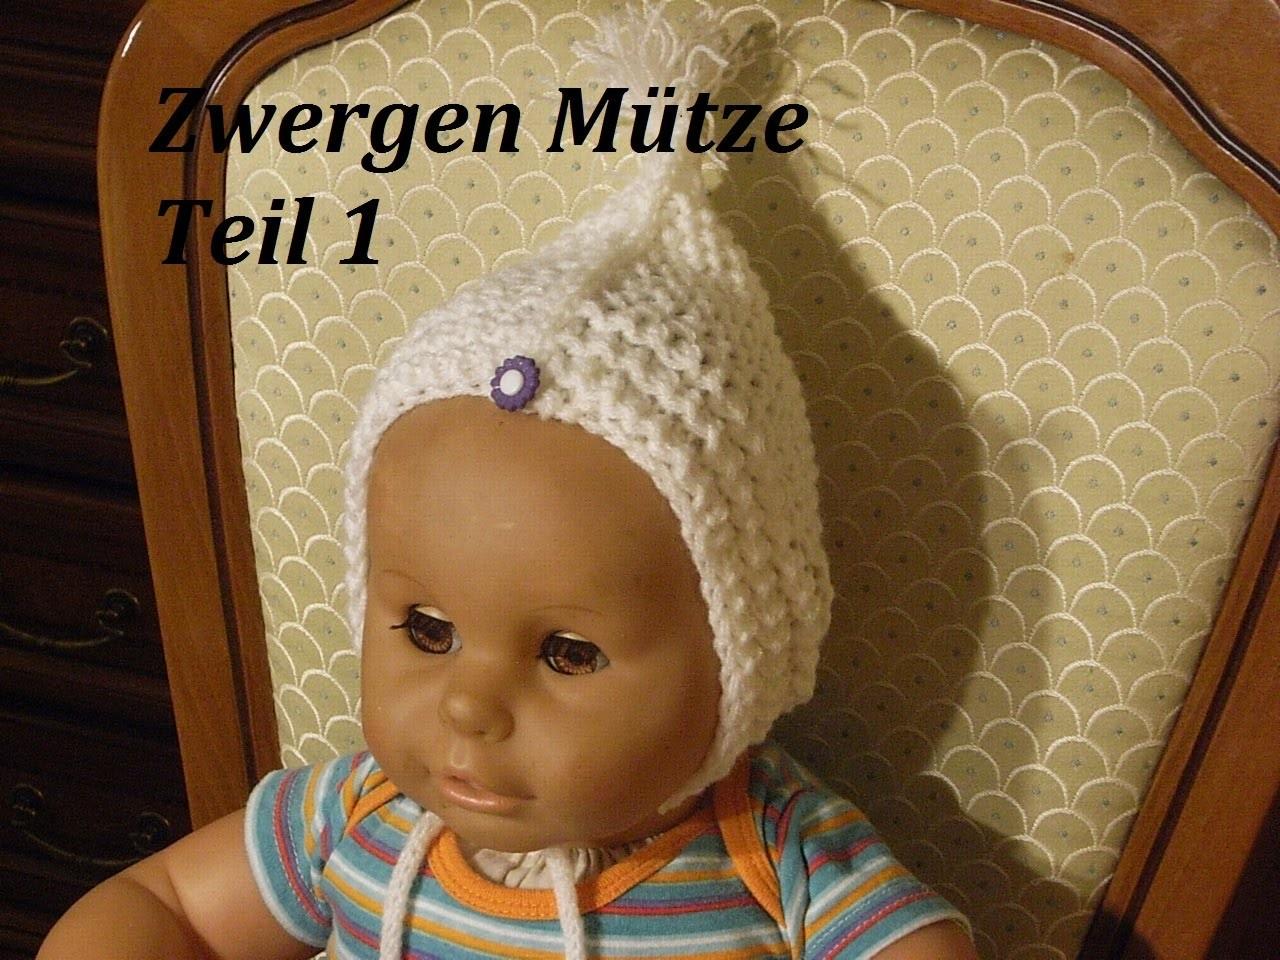 DIY Kindermütze stricken*Teil 1**Baby Mütze*einfach Stricken*Zwergen Mütze Tutorial Handarbeit